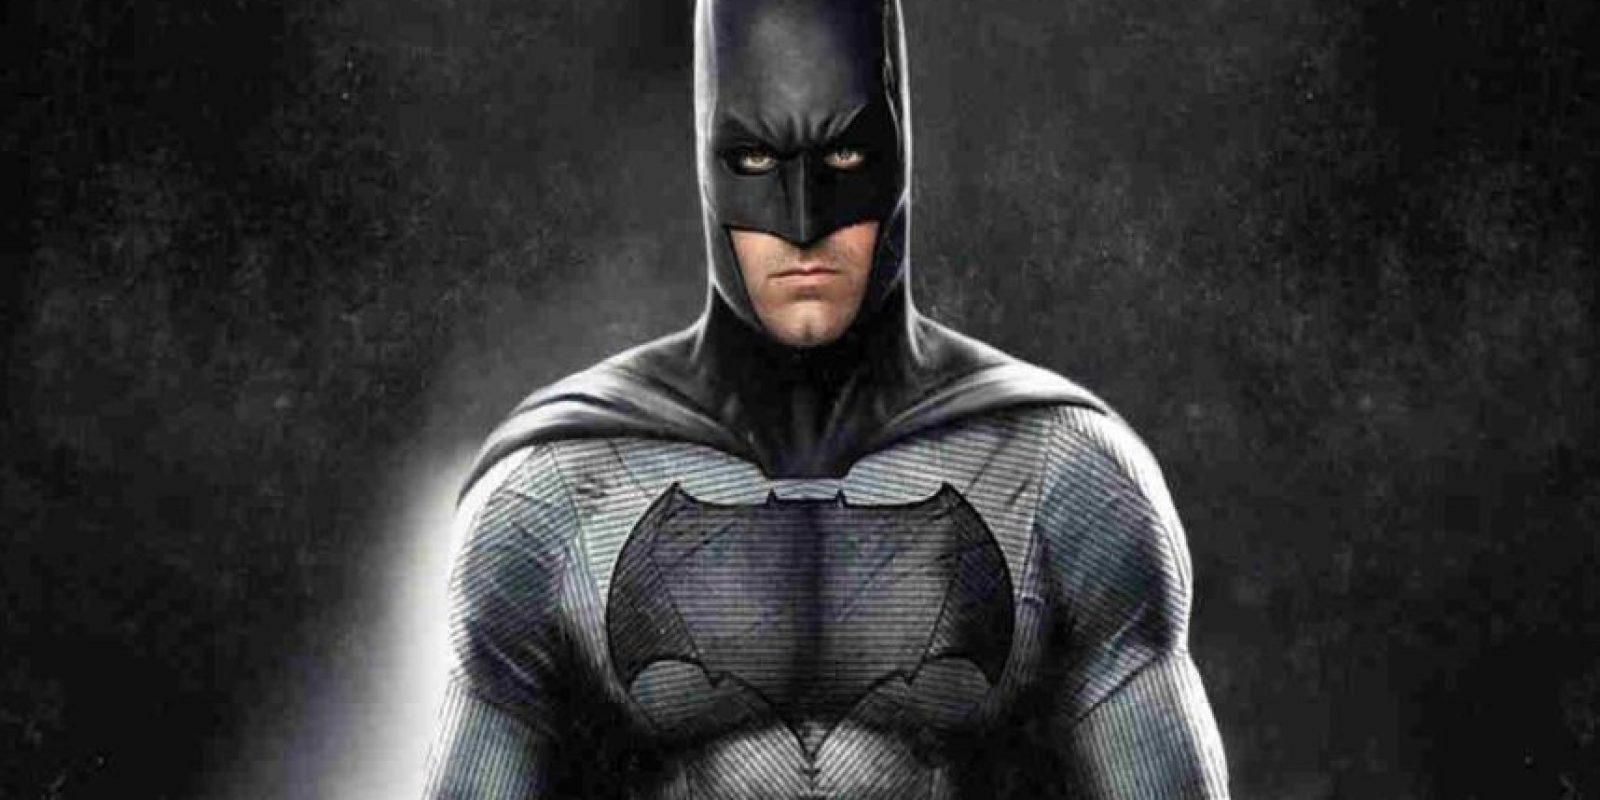 Película sin título aún sobre Batman. Fecha por confirmar. Foto:DC. Imagen Por: